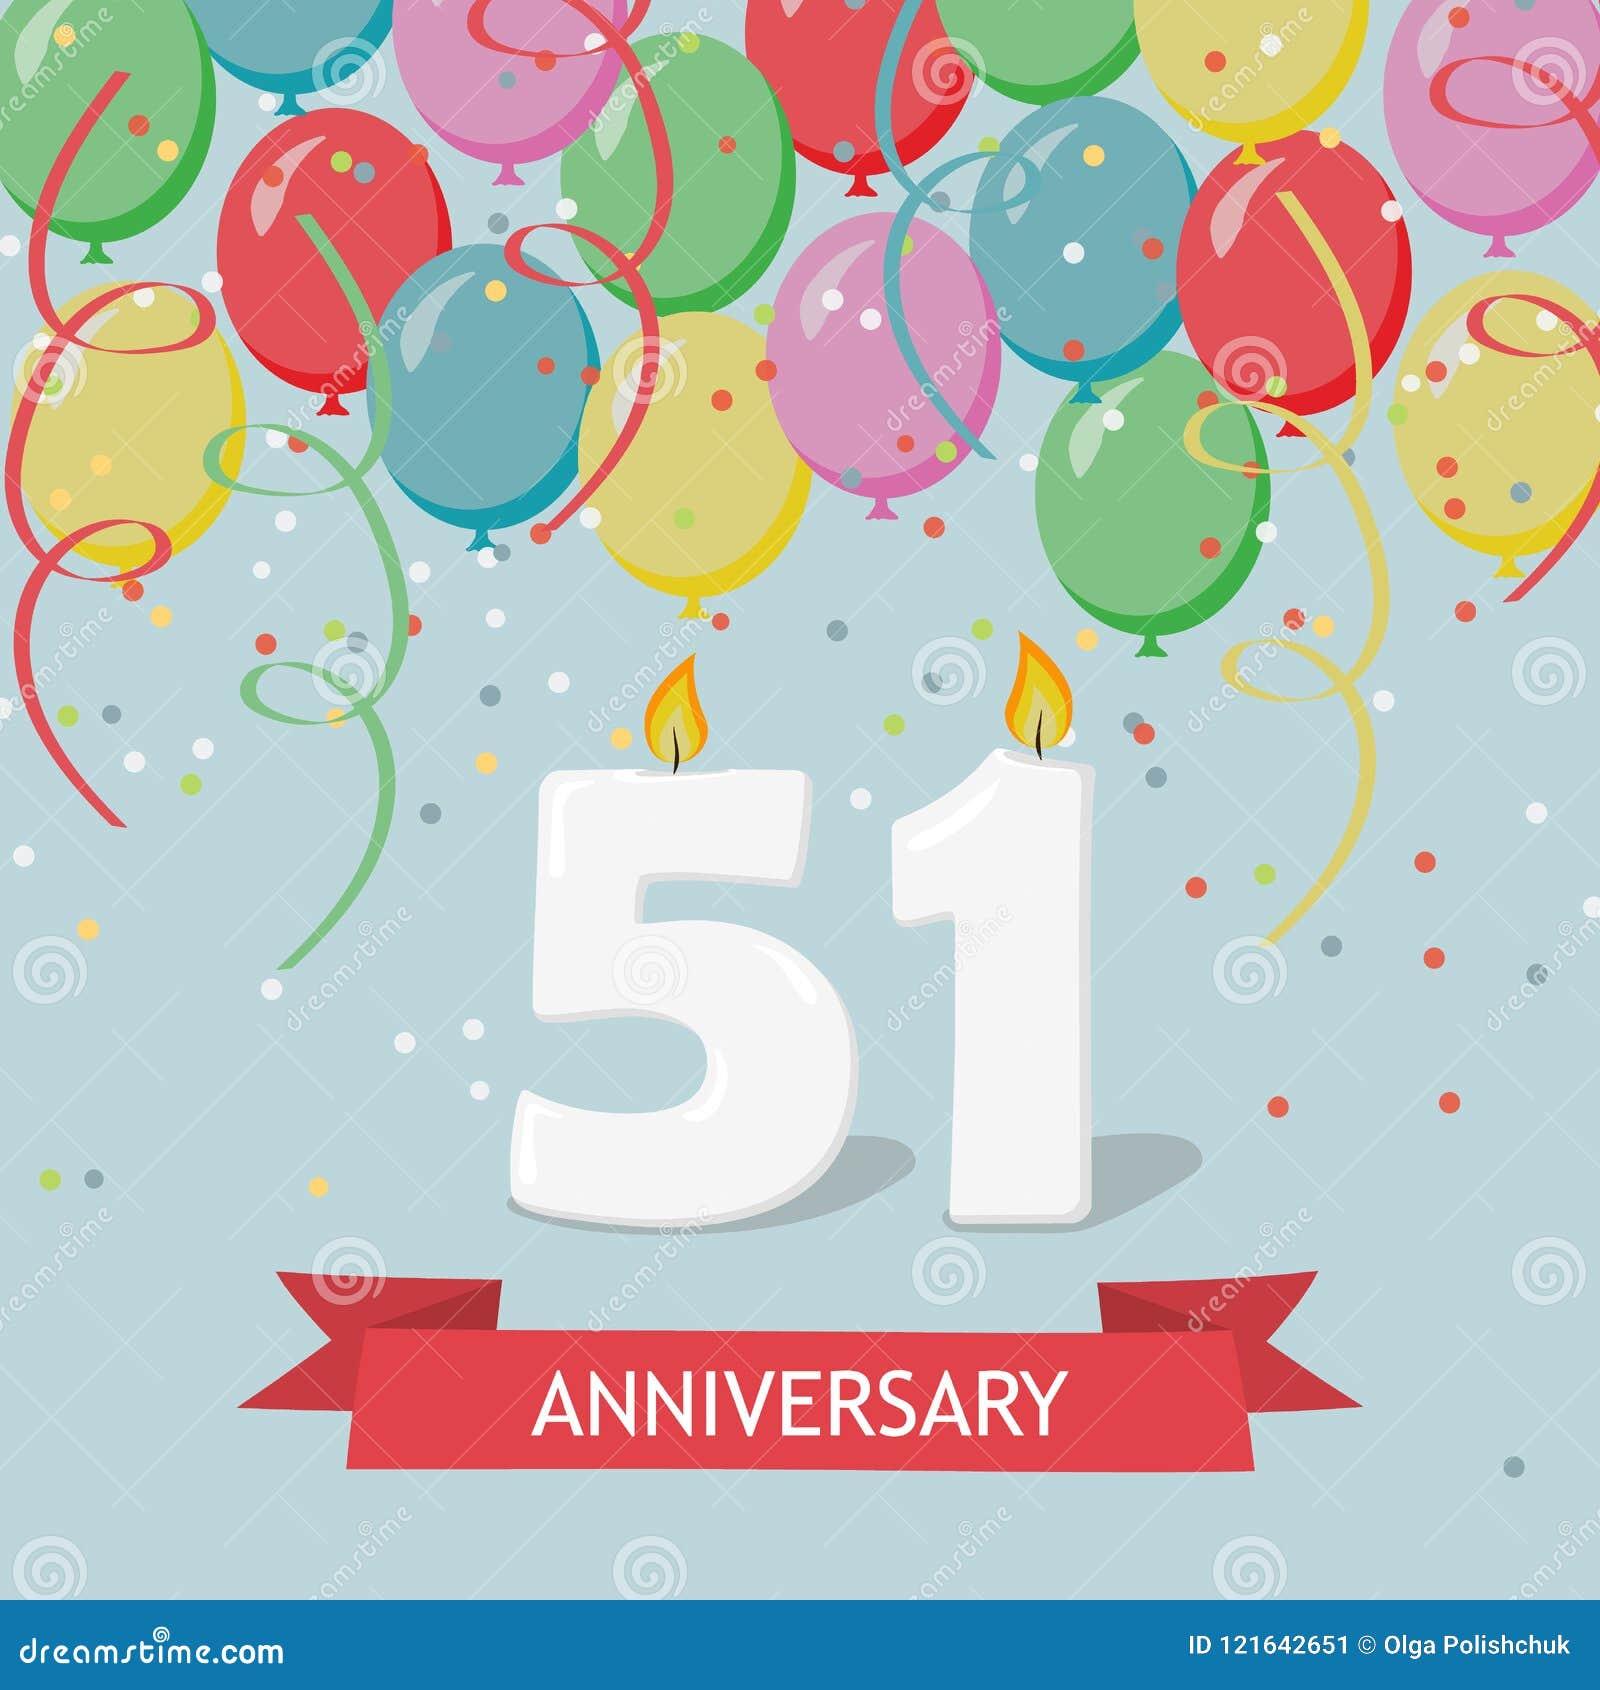 51 Anno Di Selebration Cartolina D Auguri Di Buon Compleanno